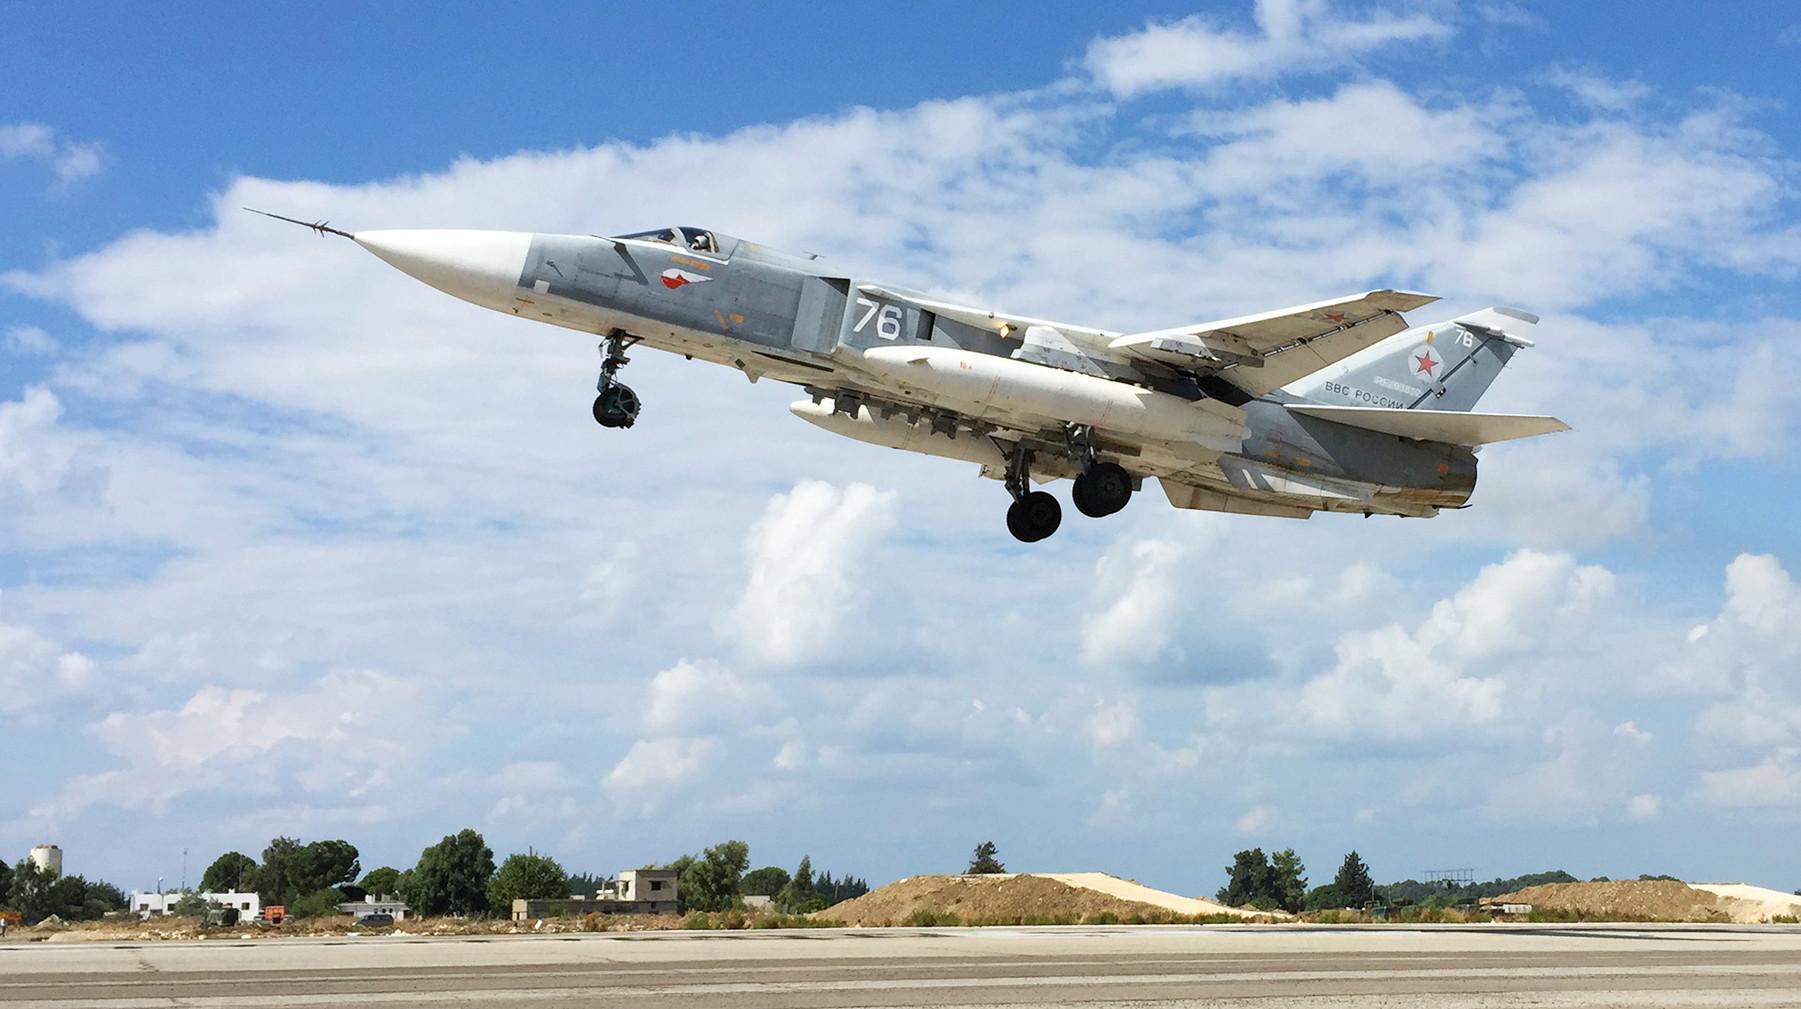 ВКС России заранее предупреждали США об операции в Дейр эз-Зоре